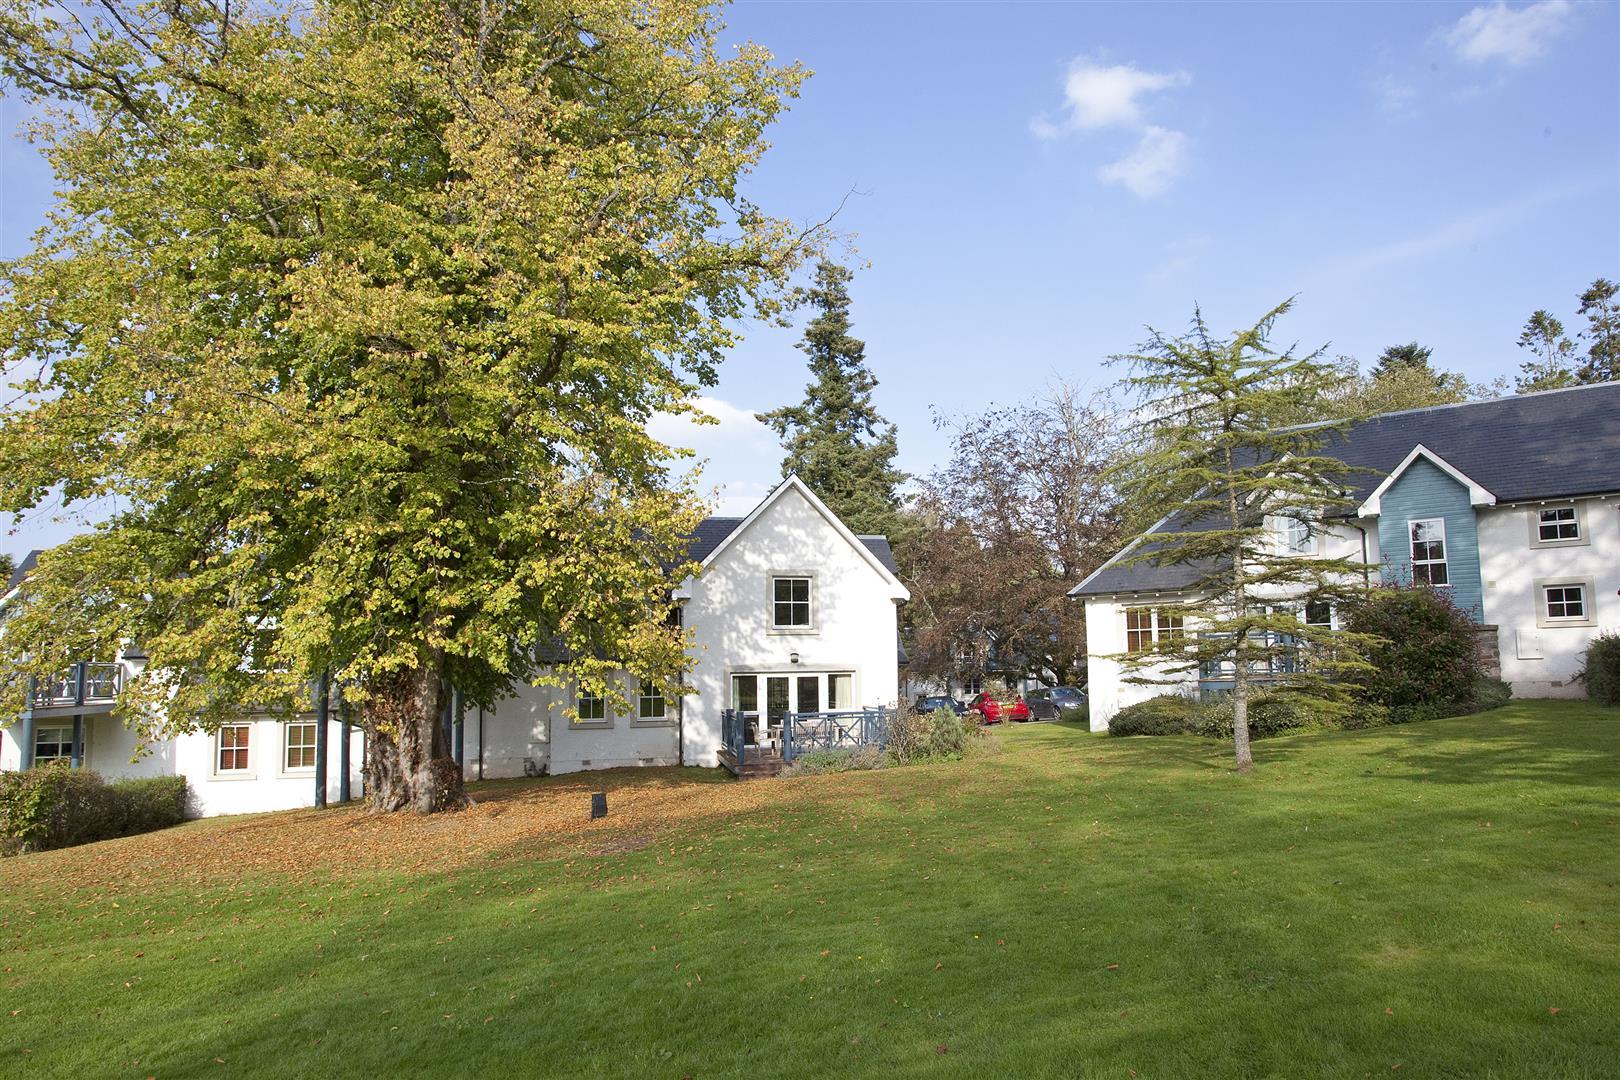 705, Garden Lodges, Duchally Country Estate, Auchterarder, Perthshire, PH3 1PN, UK